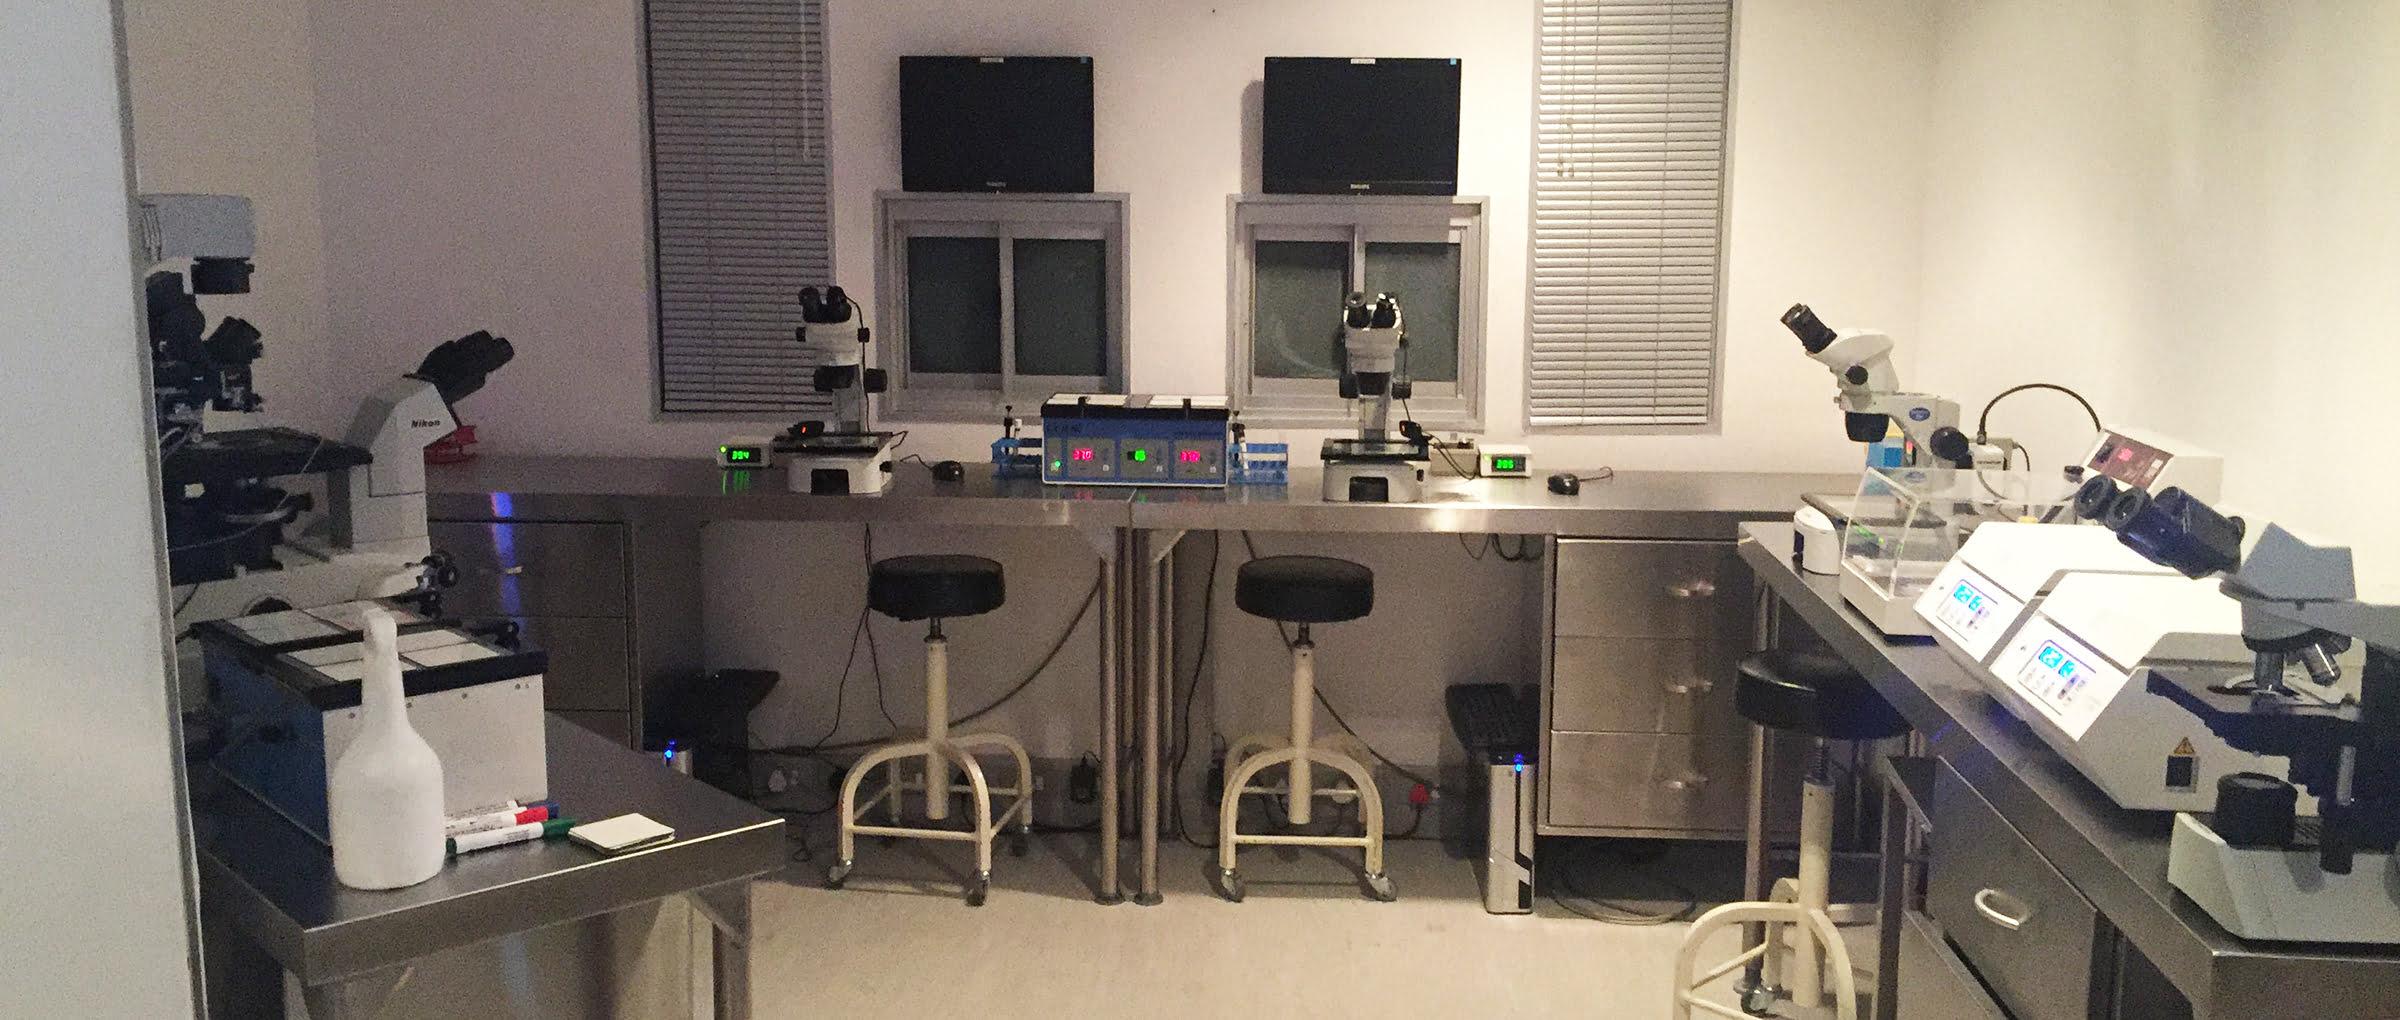 Cape Fertility Clinic Afrique du Sud laboratoire